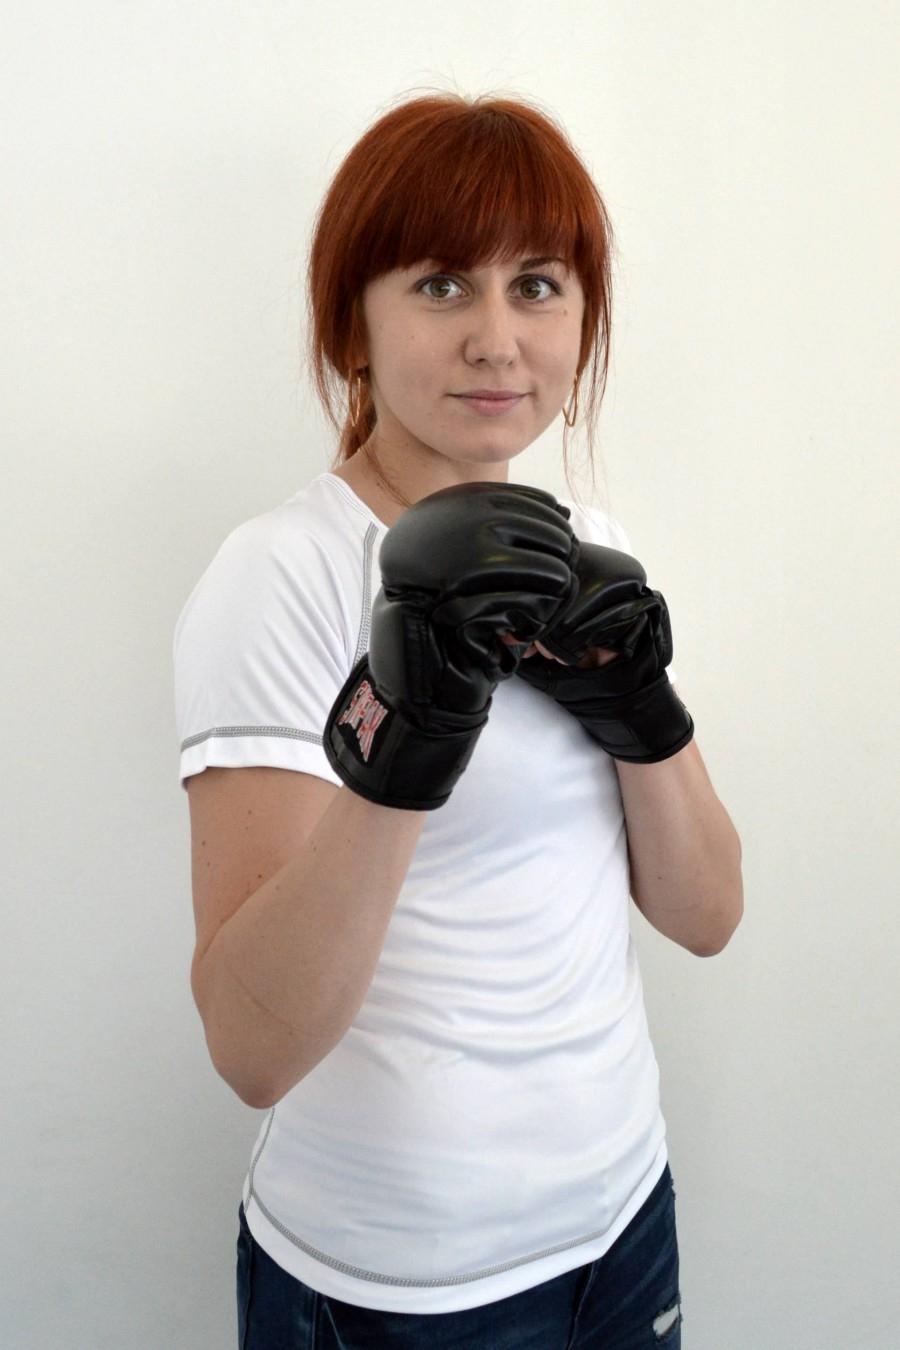 INTERVJUU! Treener Olga Jerjomina: regulaarsed treeningud ja õige toitumine teevad igas eas imesid